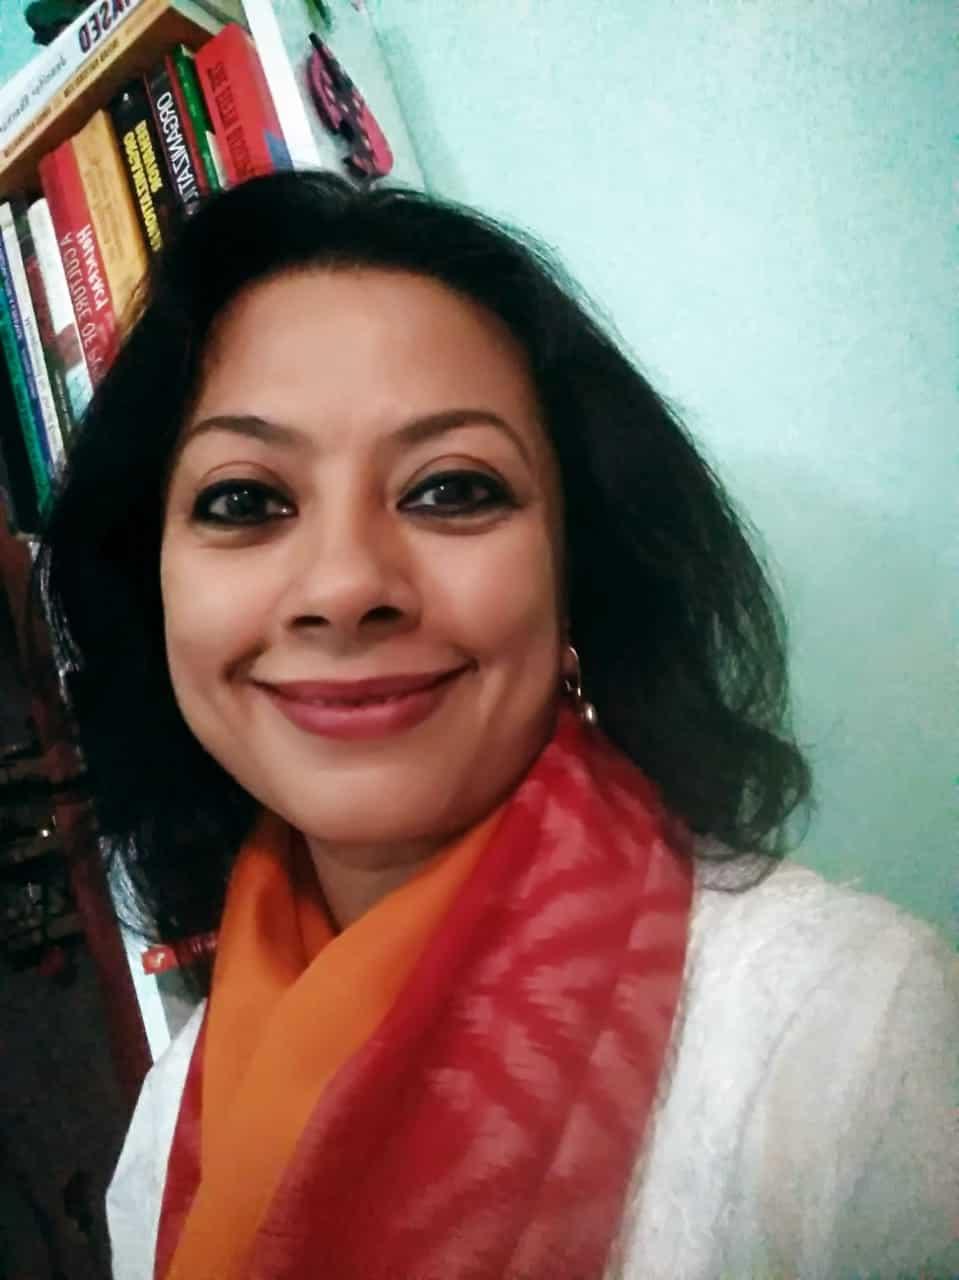 Ditipriya Ghosh